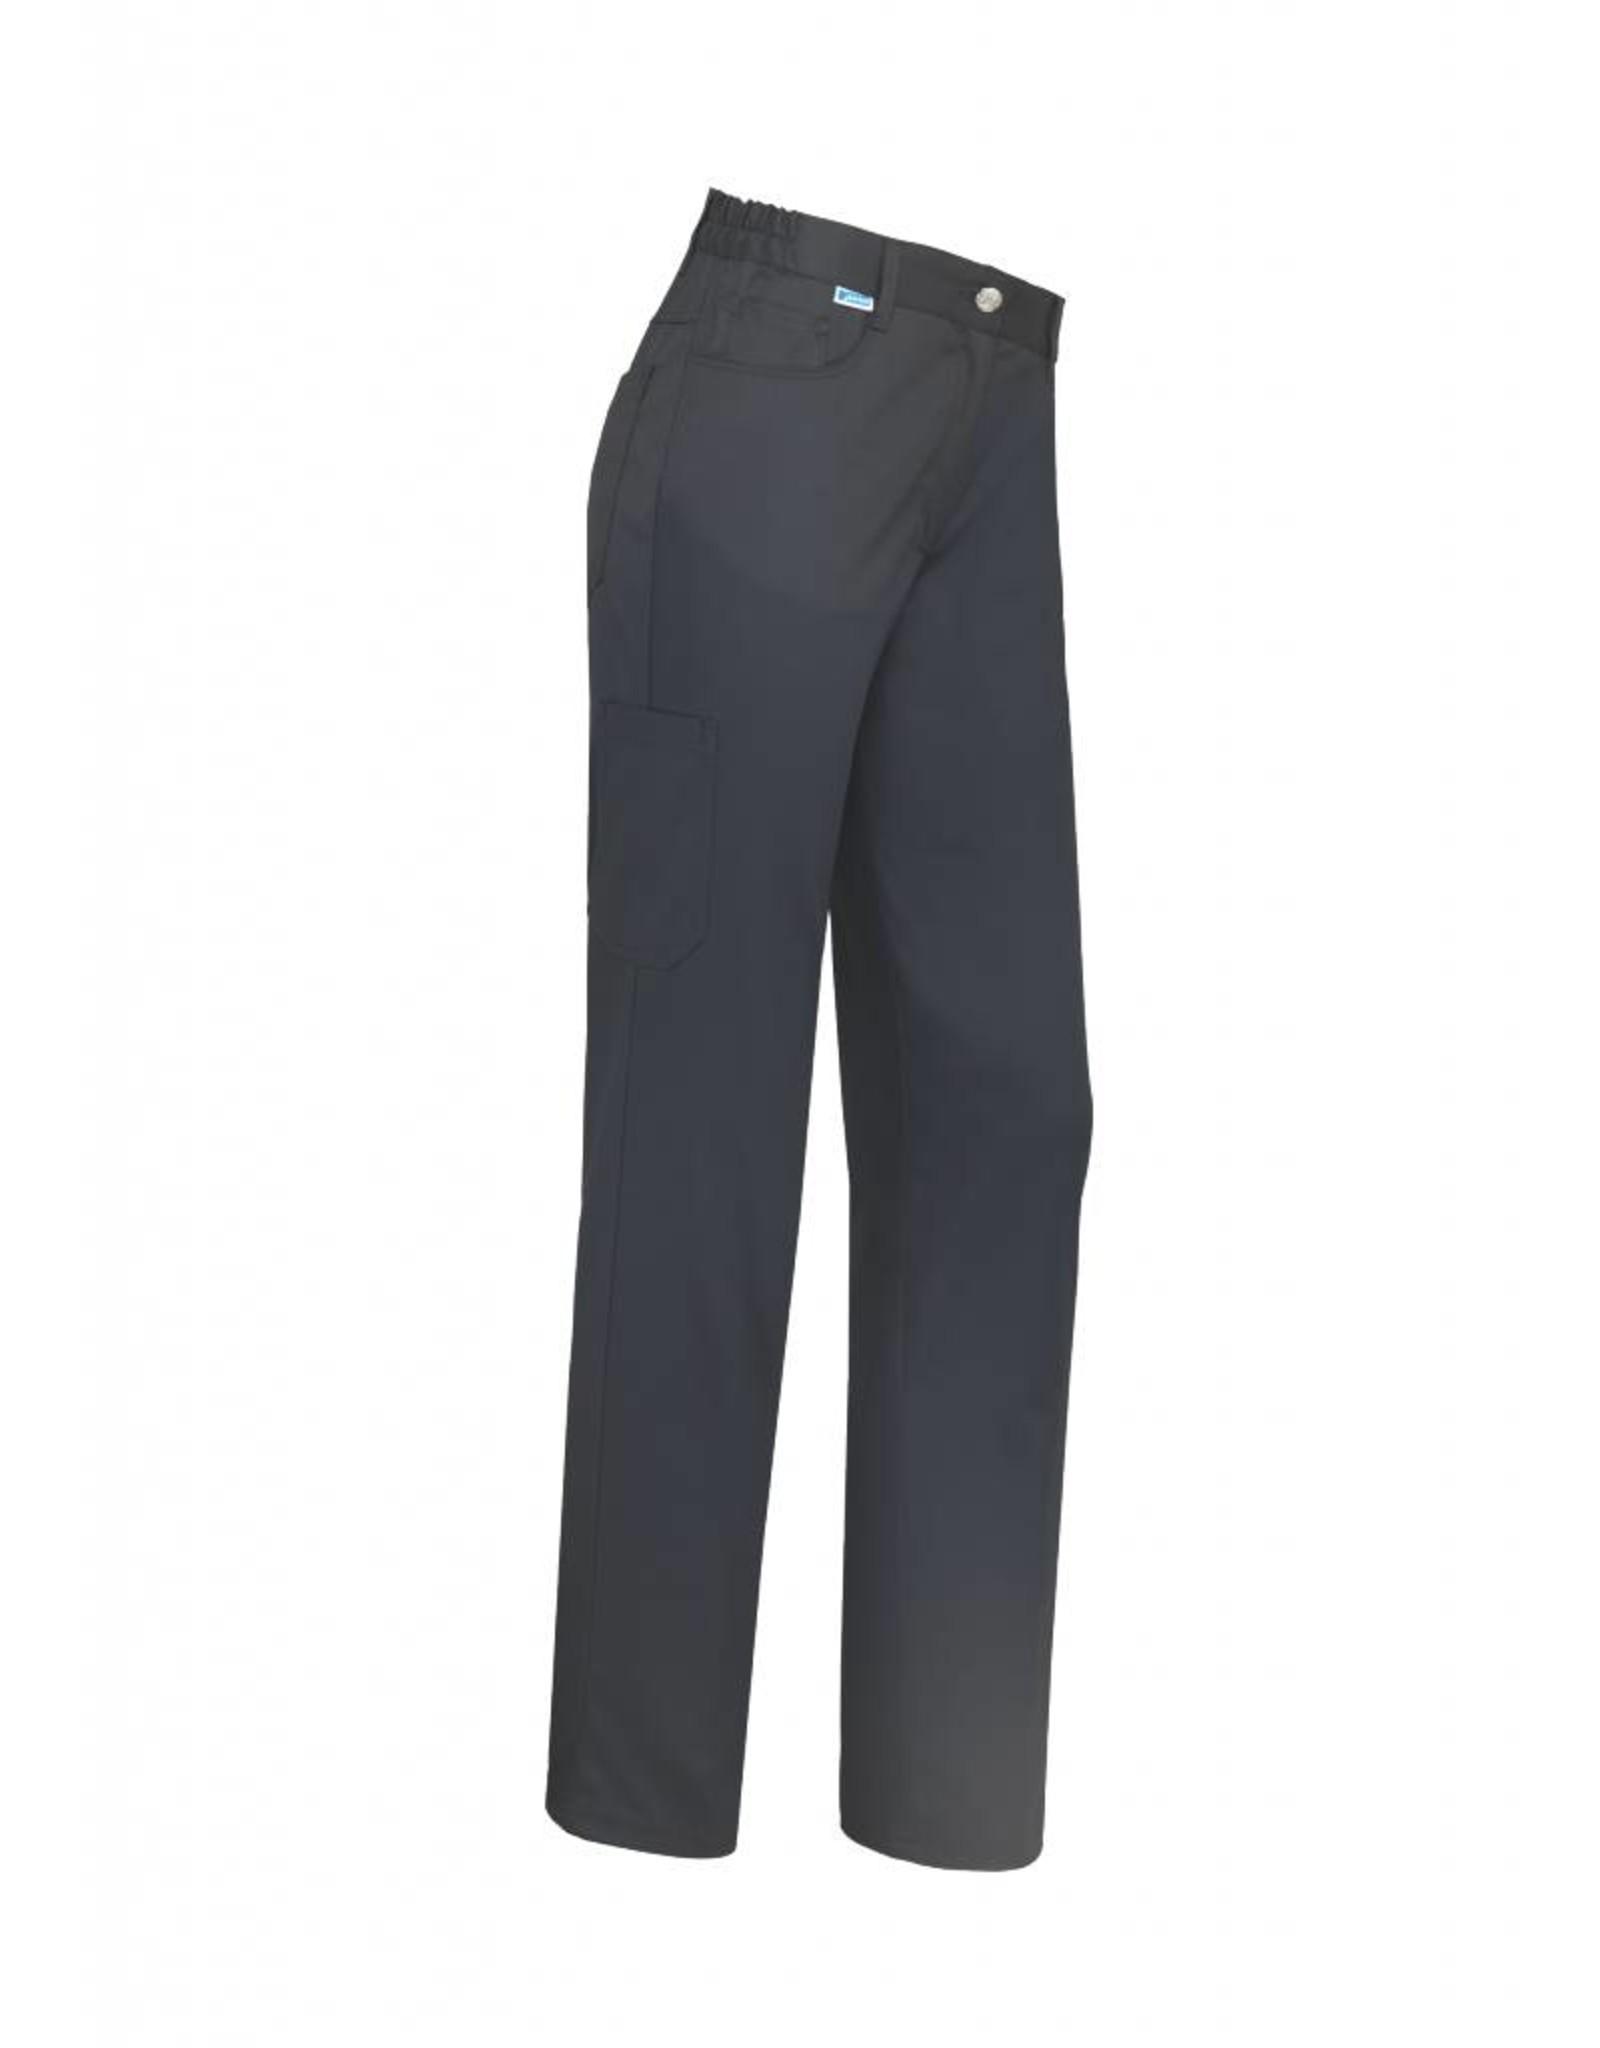 De Berkel Dames broek Thea in 3 kleuren